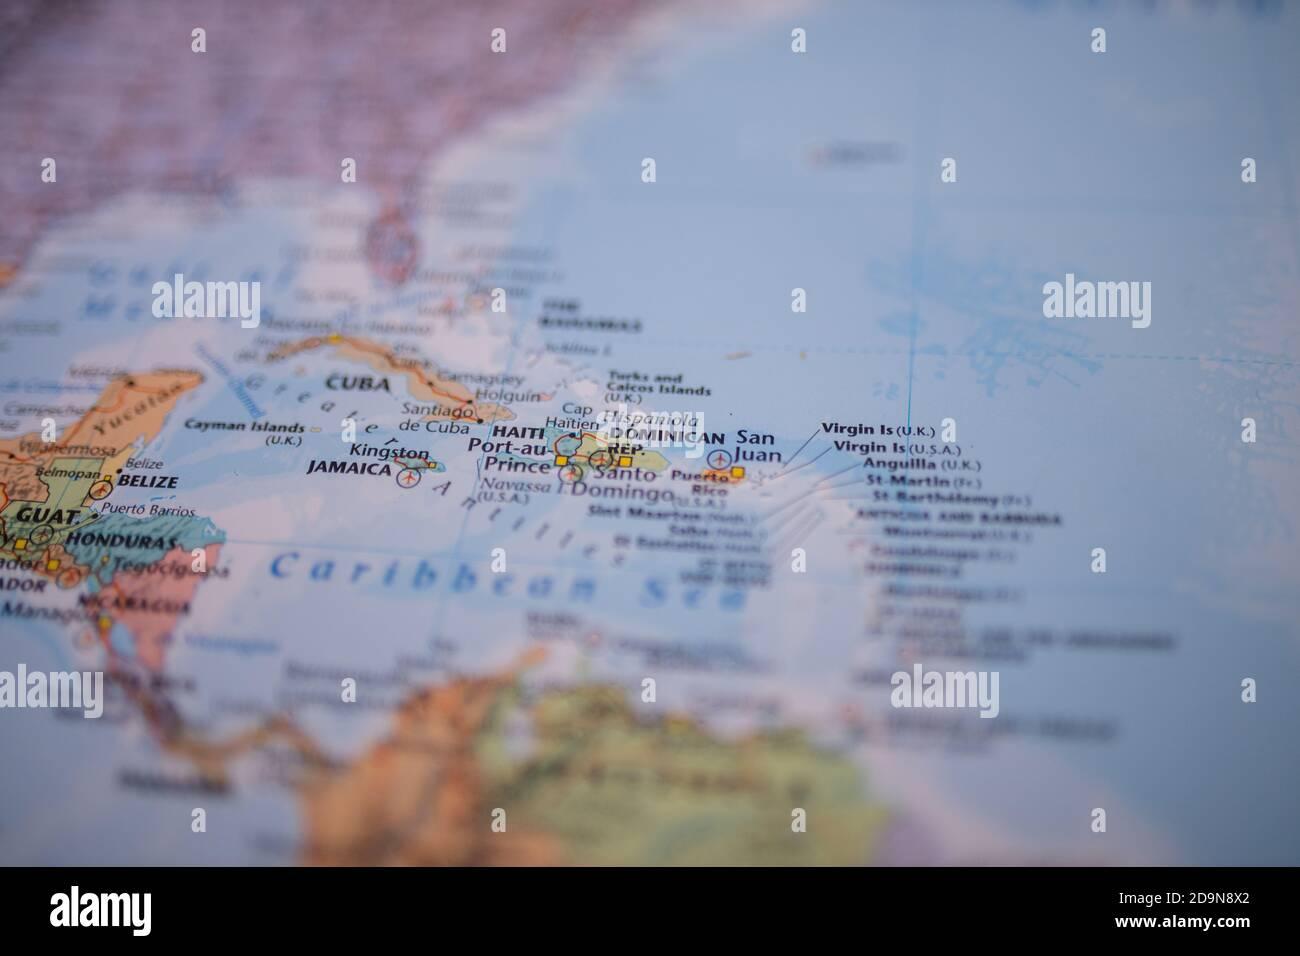 La République dominicaine sur une carte colorée et floue de L'archipel de Lucayan Banque D'Images